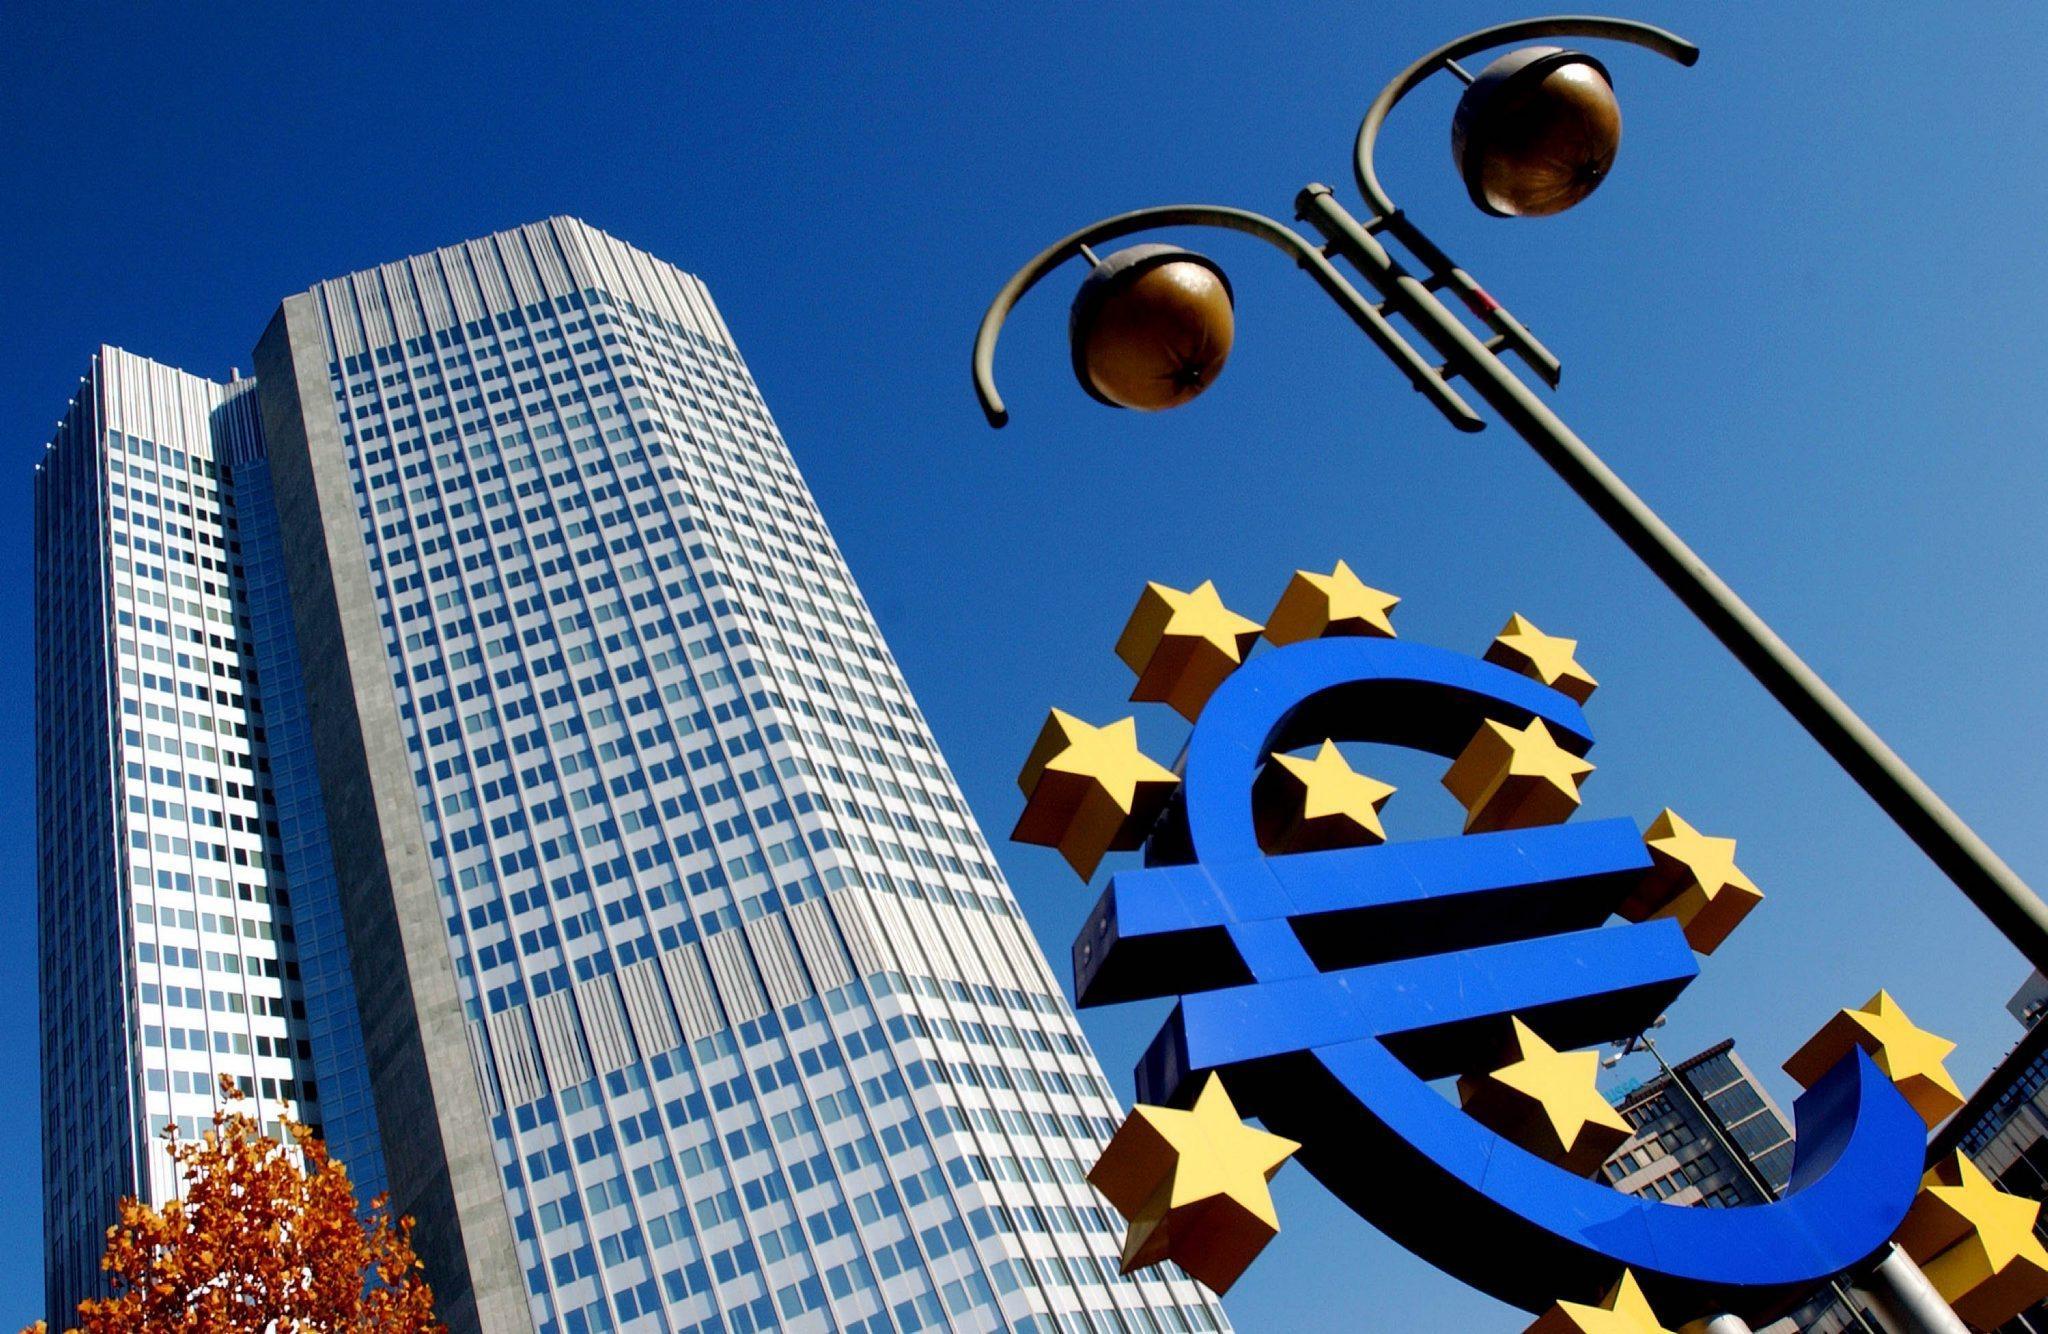 La sede centrale della Bce a Francoforte (Ansa)